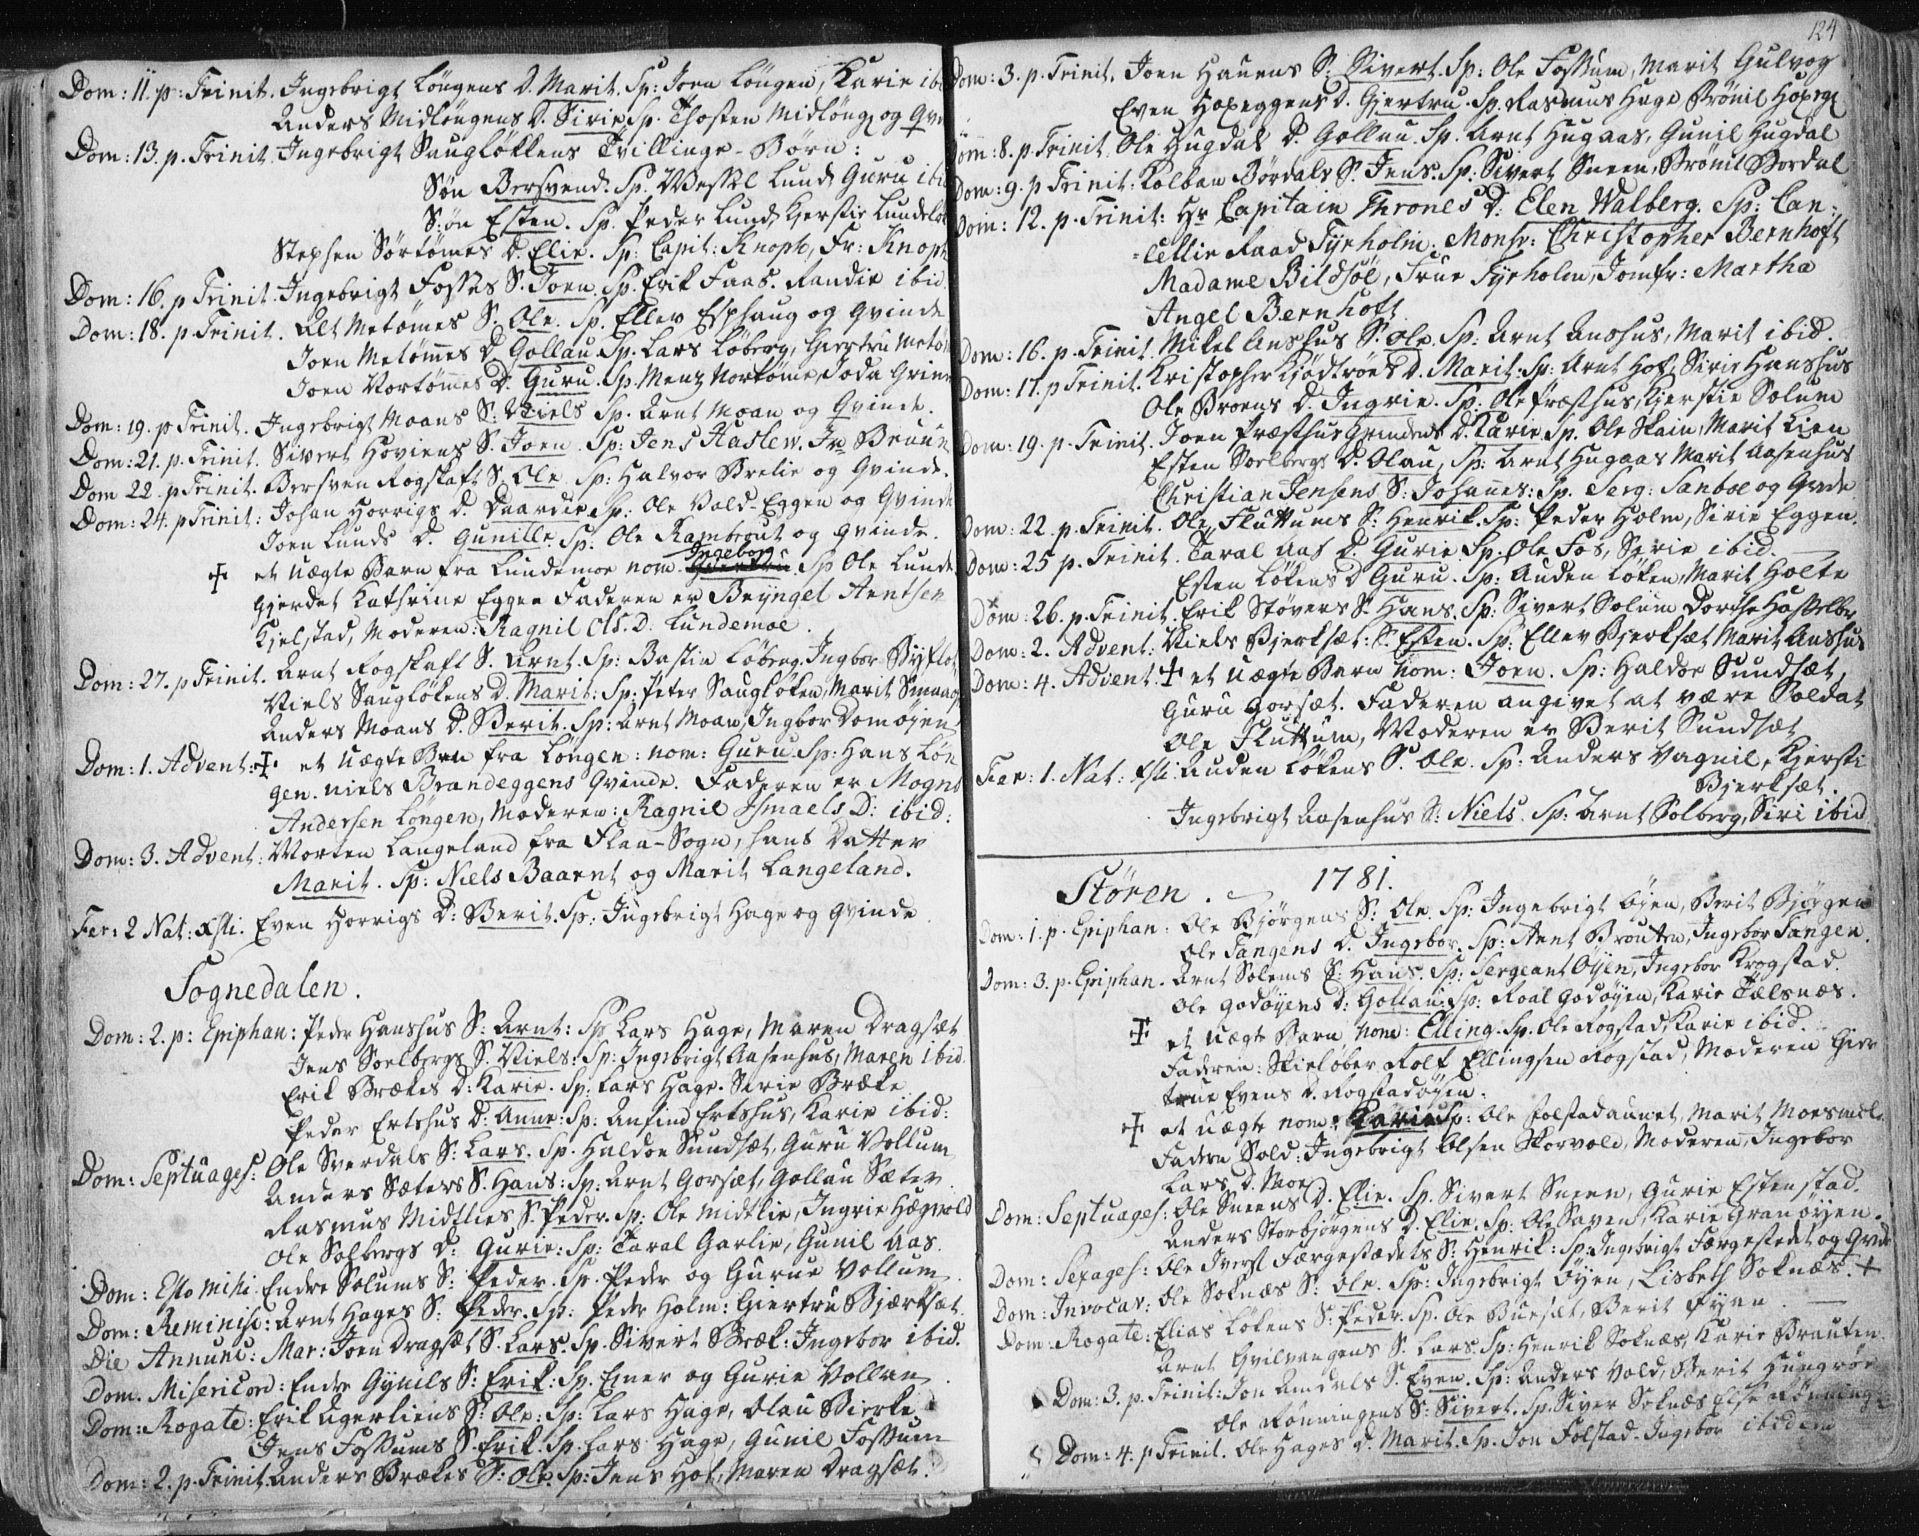 SAT, Ministerialprotokoller, klokkerbøker og fødselsregistre - Sør-Trøndelag, 687/L0991: Ministerialbok nr. 687A02, 1747-1790, s. 124